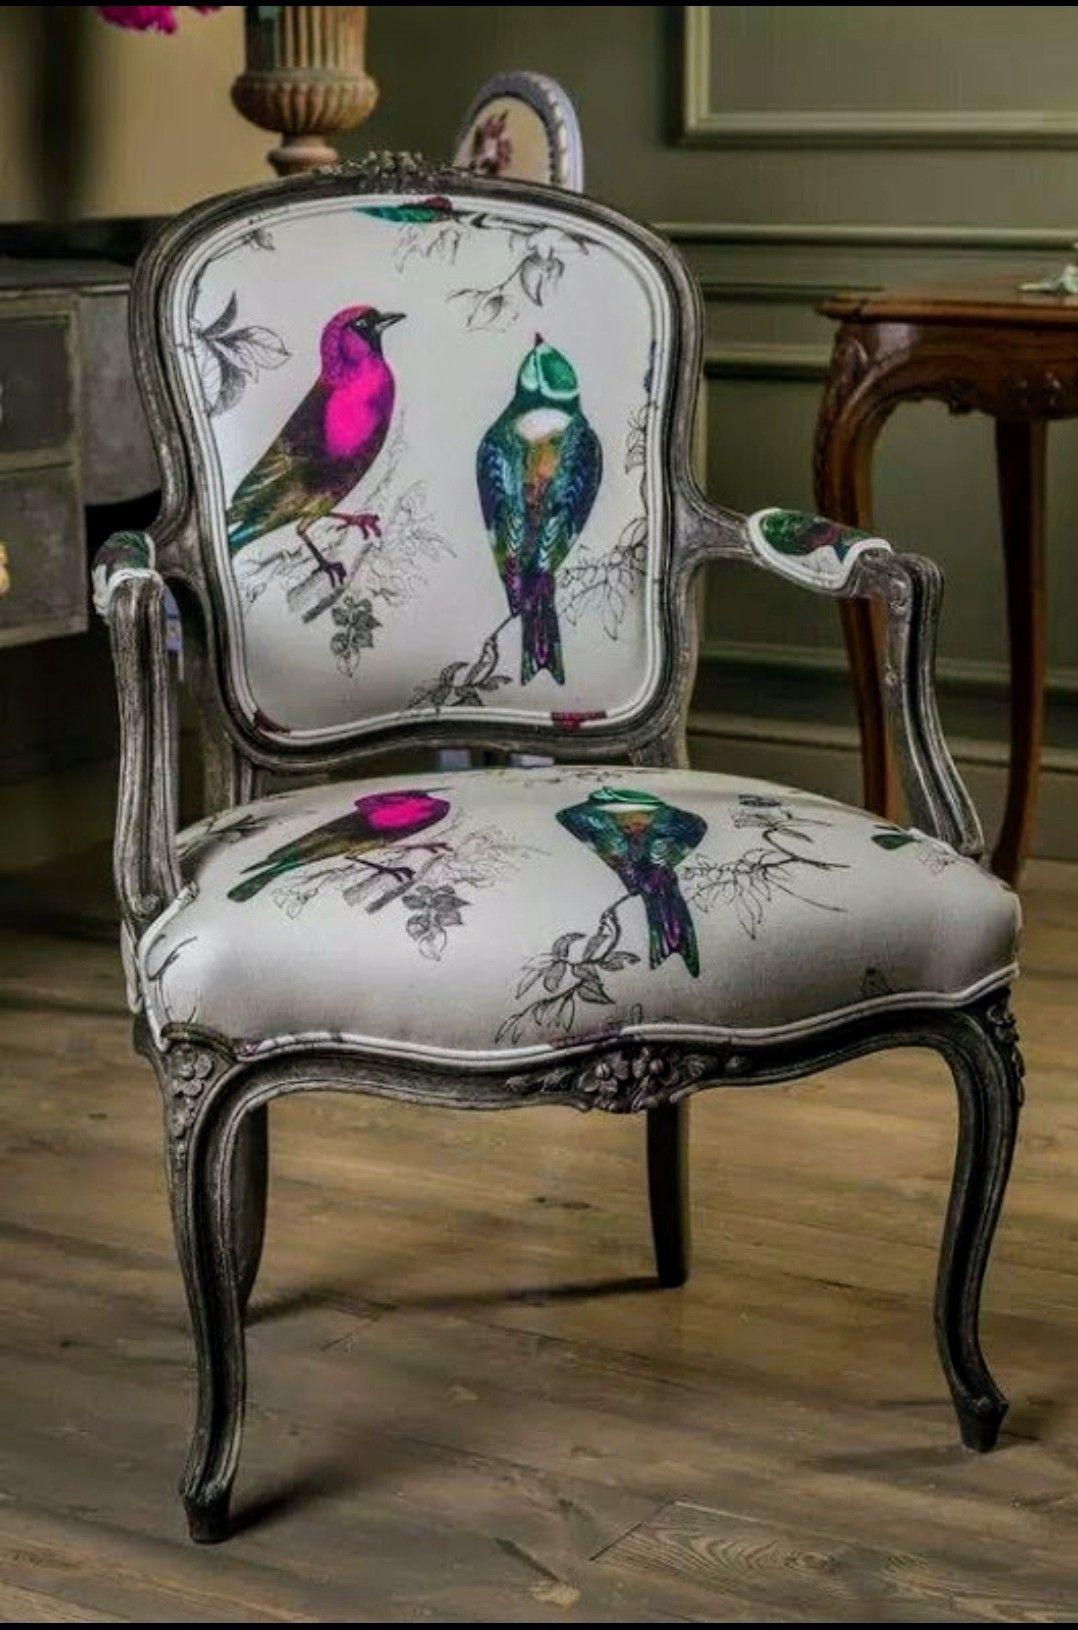 Renover Une Chaise Medaillon Épinglé par van nerum veronique sur décoration, home